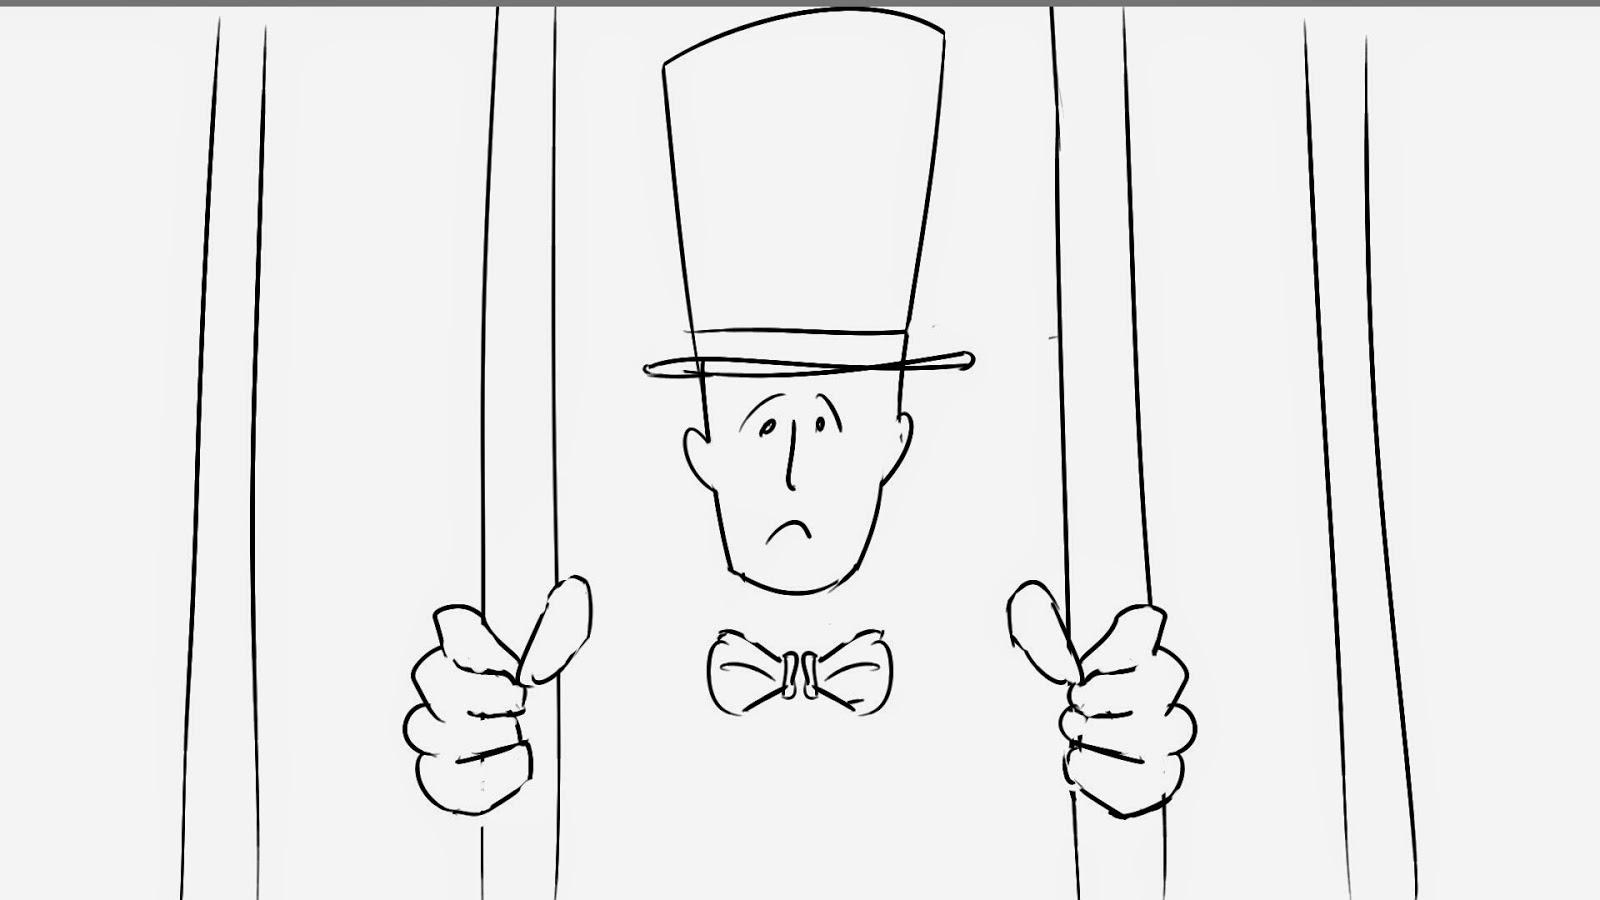 man in top hat behind bars